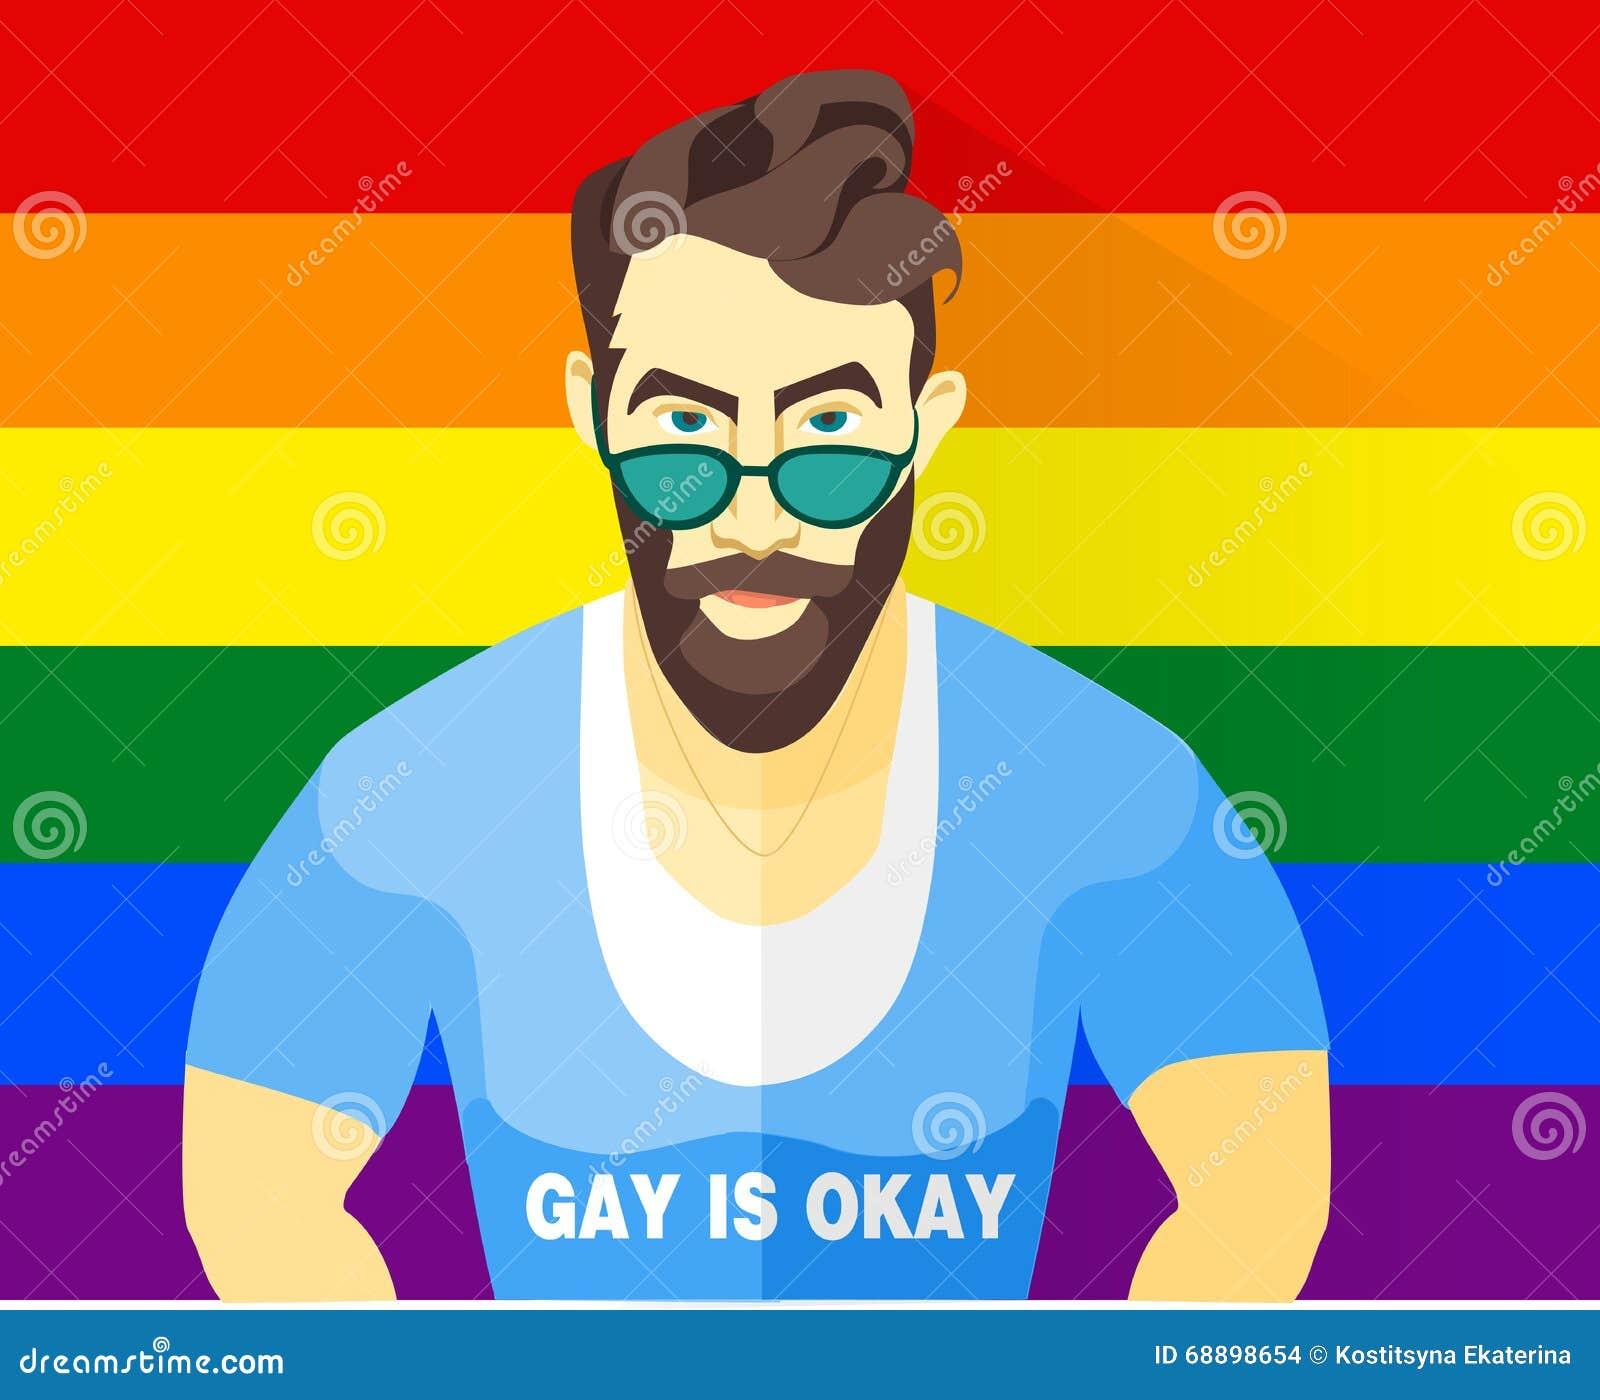 blogspot my gay videos